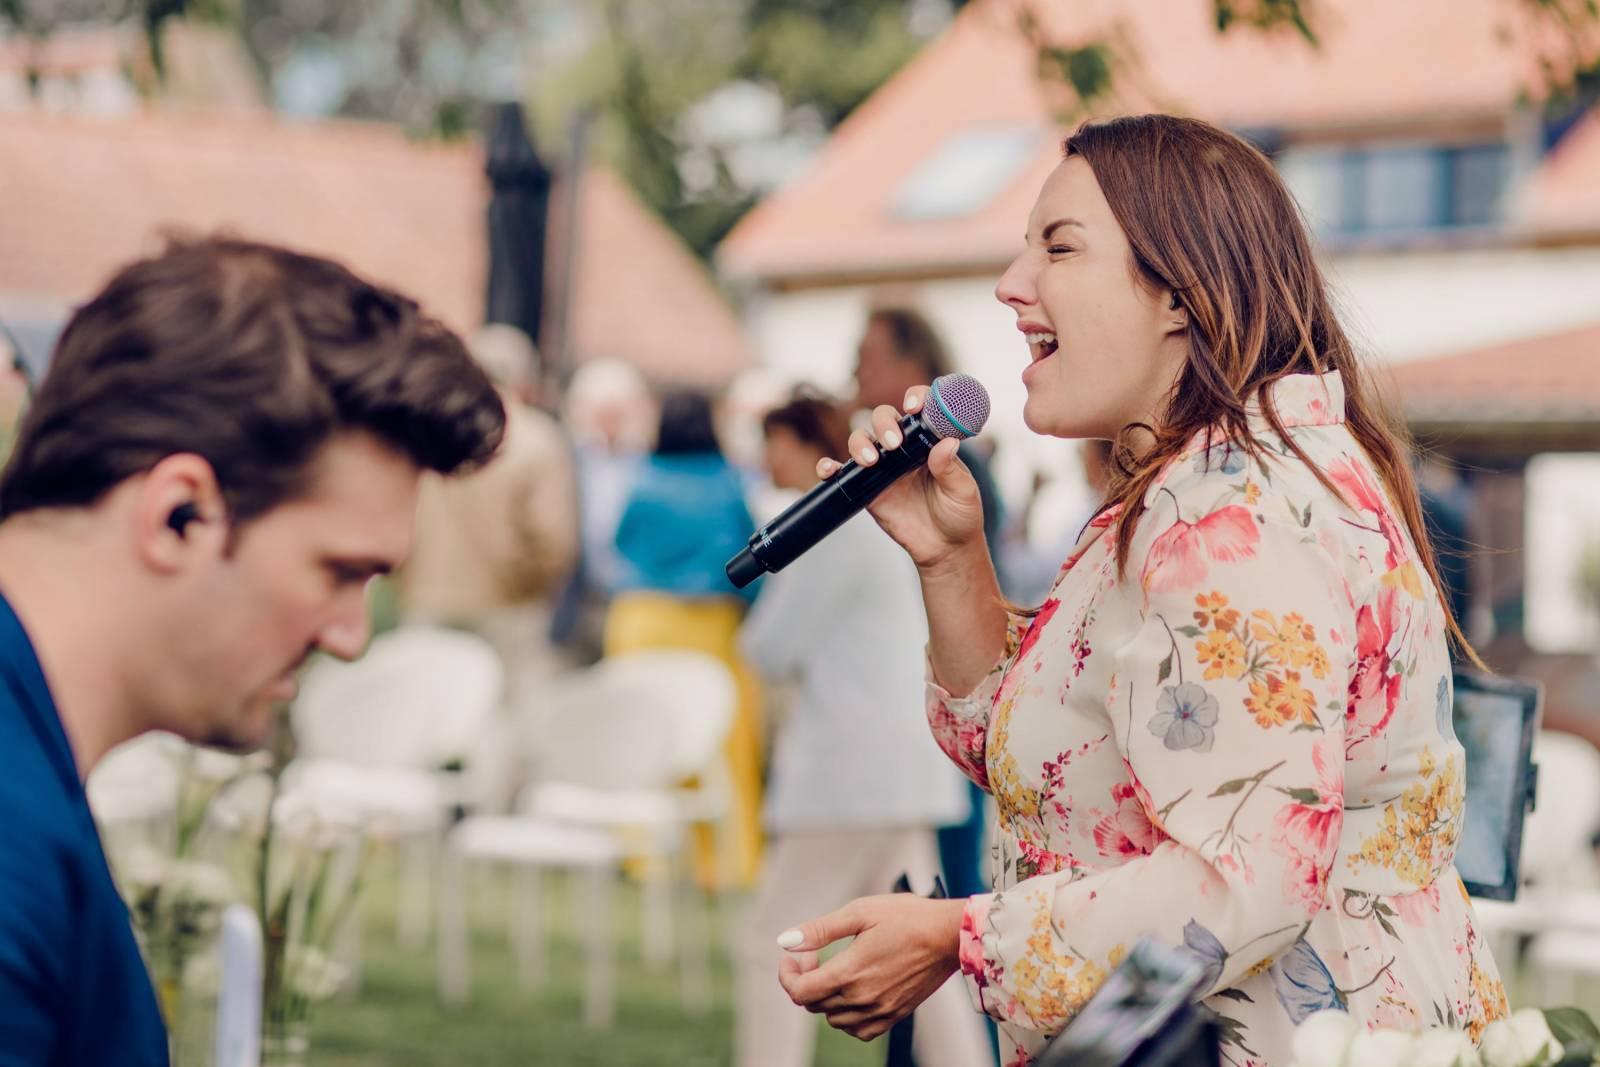 Blueberry Diamond | Livemuziek | House of Weddings - 1